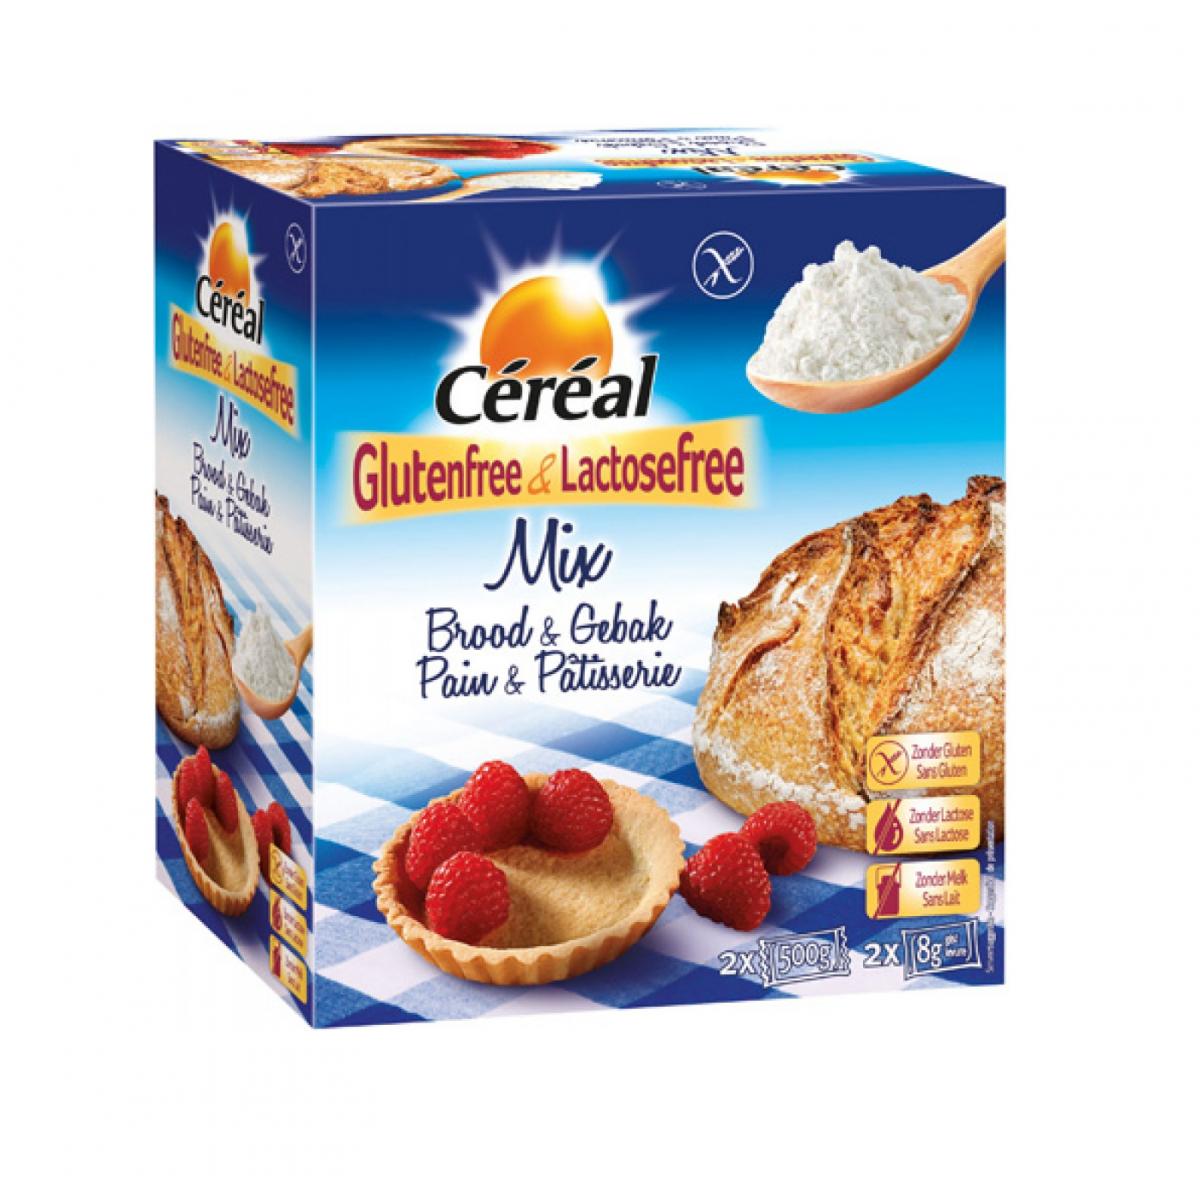 Mix Voor Brood & Gebak